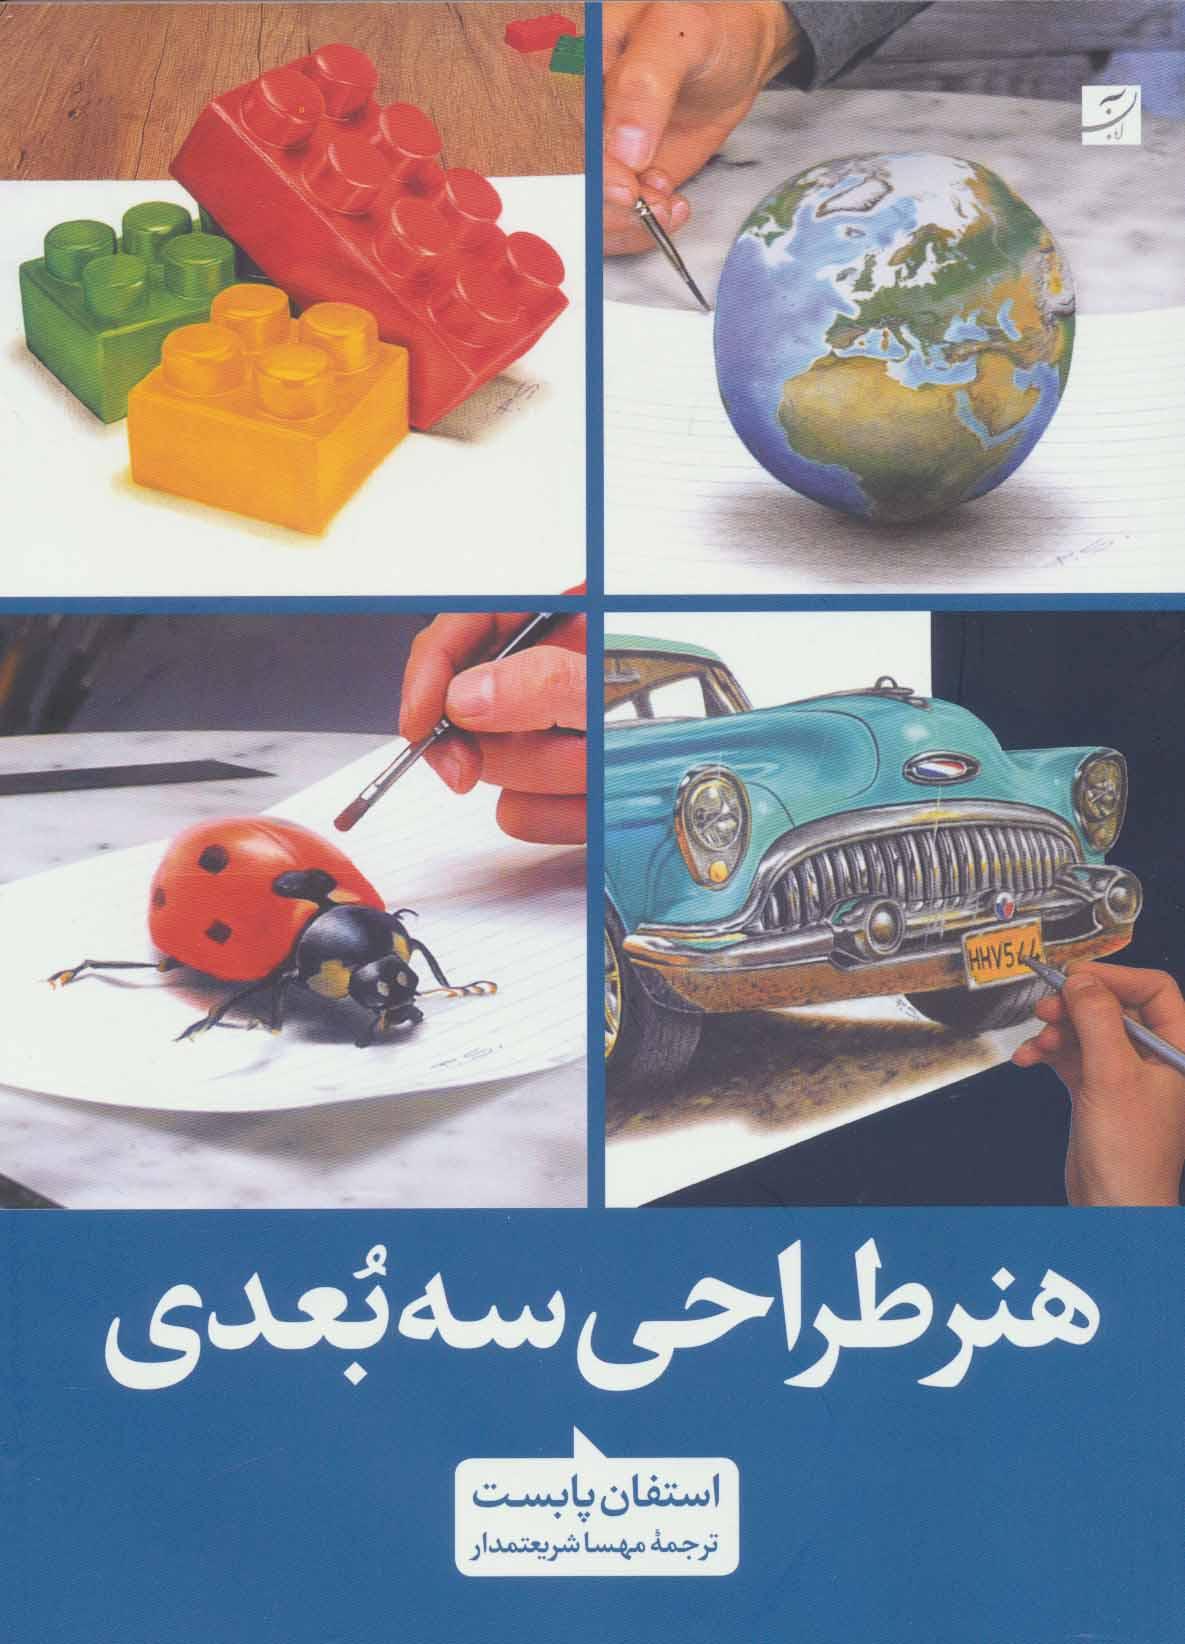 کتاب طراحی سه بعدی